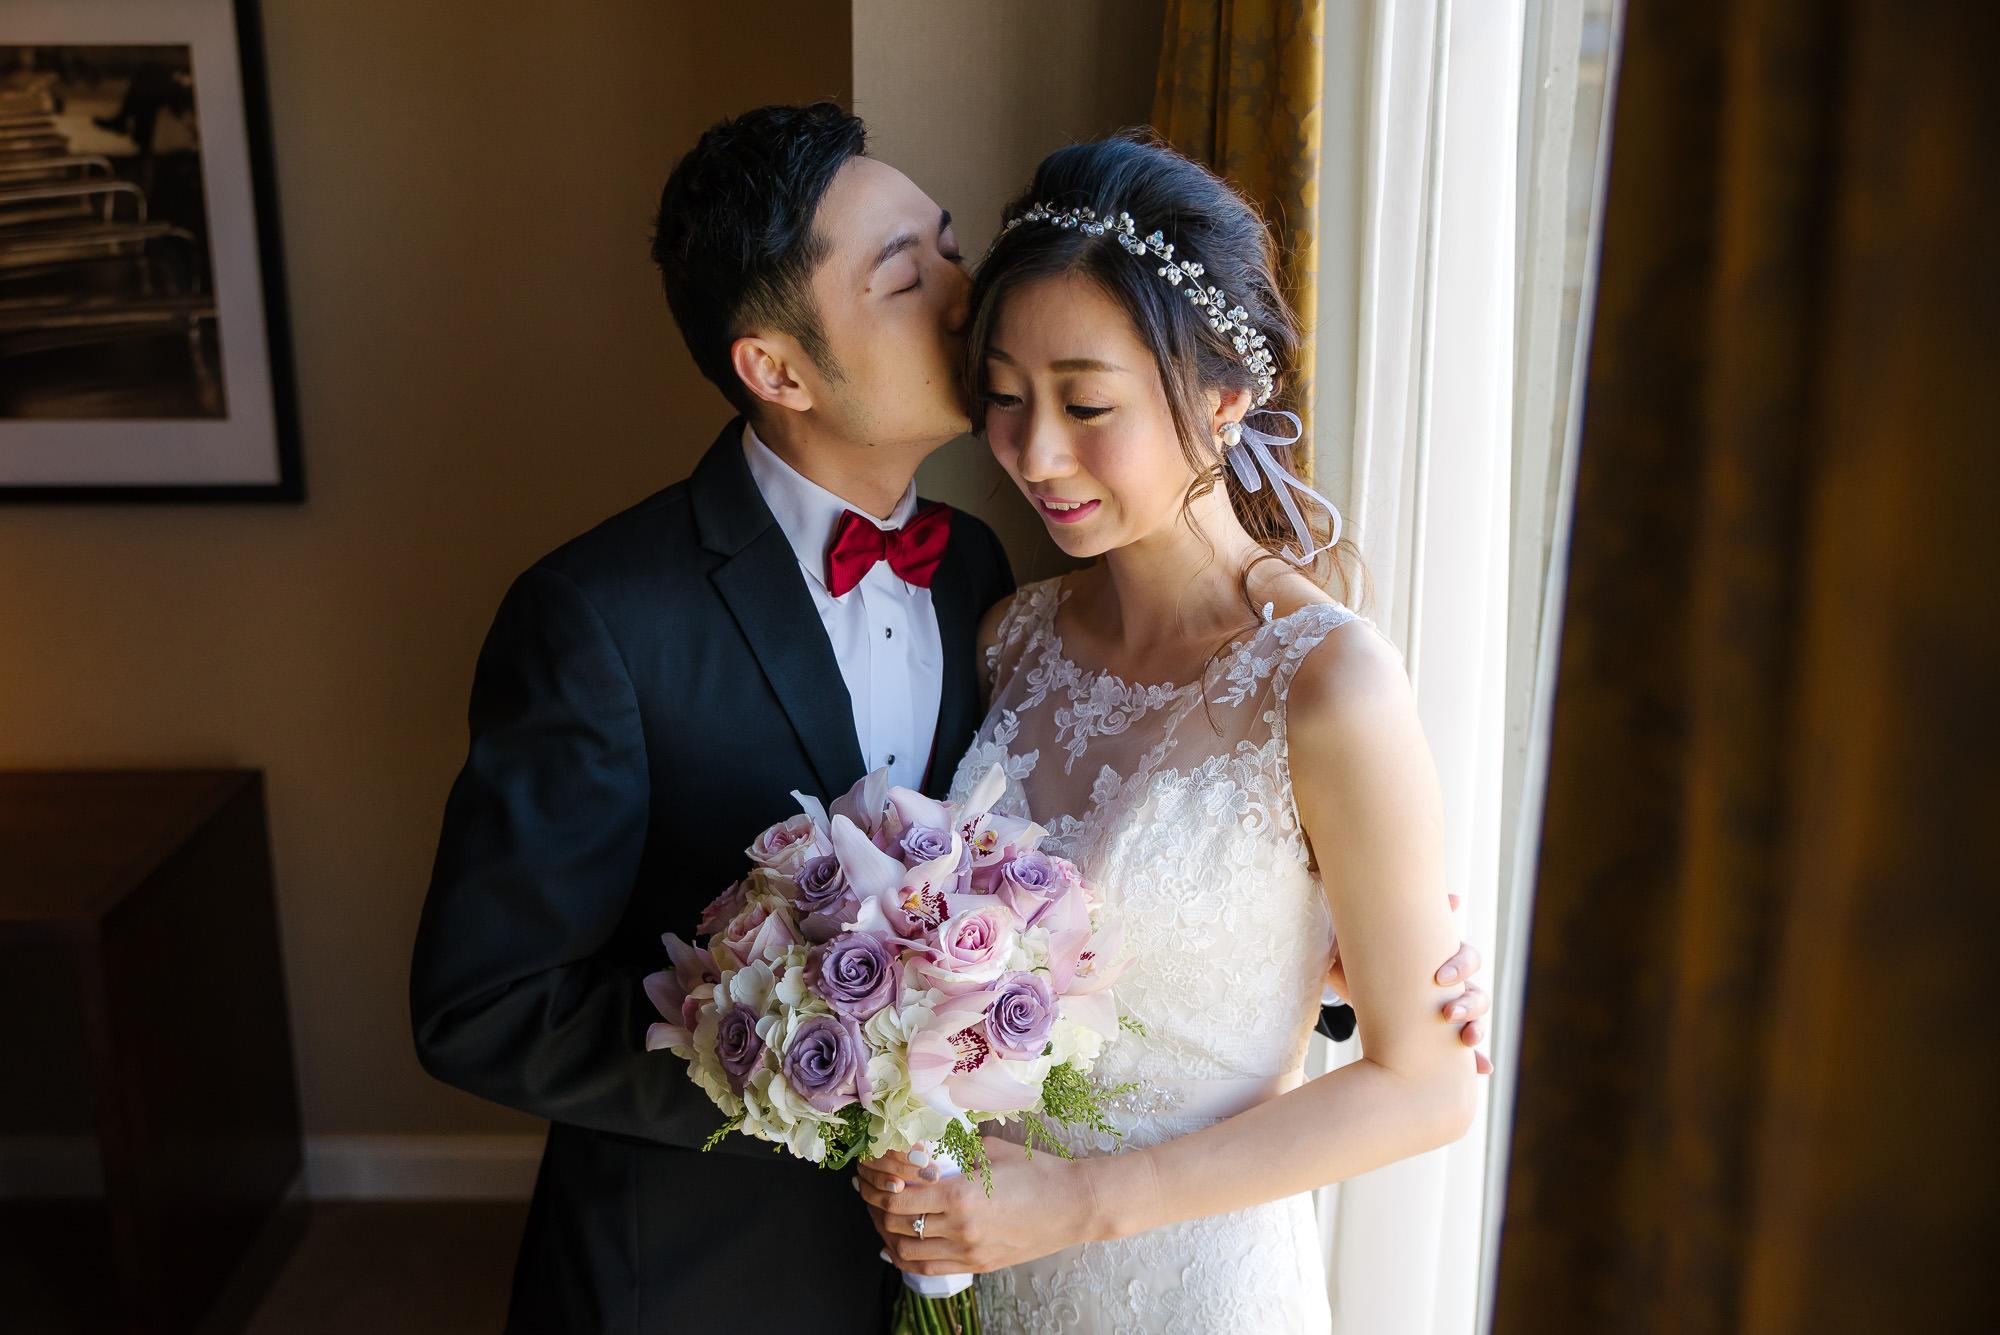 pacific_gateway_hotel_wedding_getting_ready 1439474.jpg